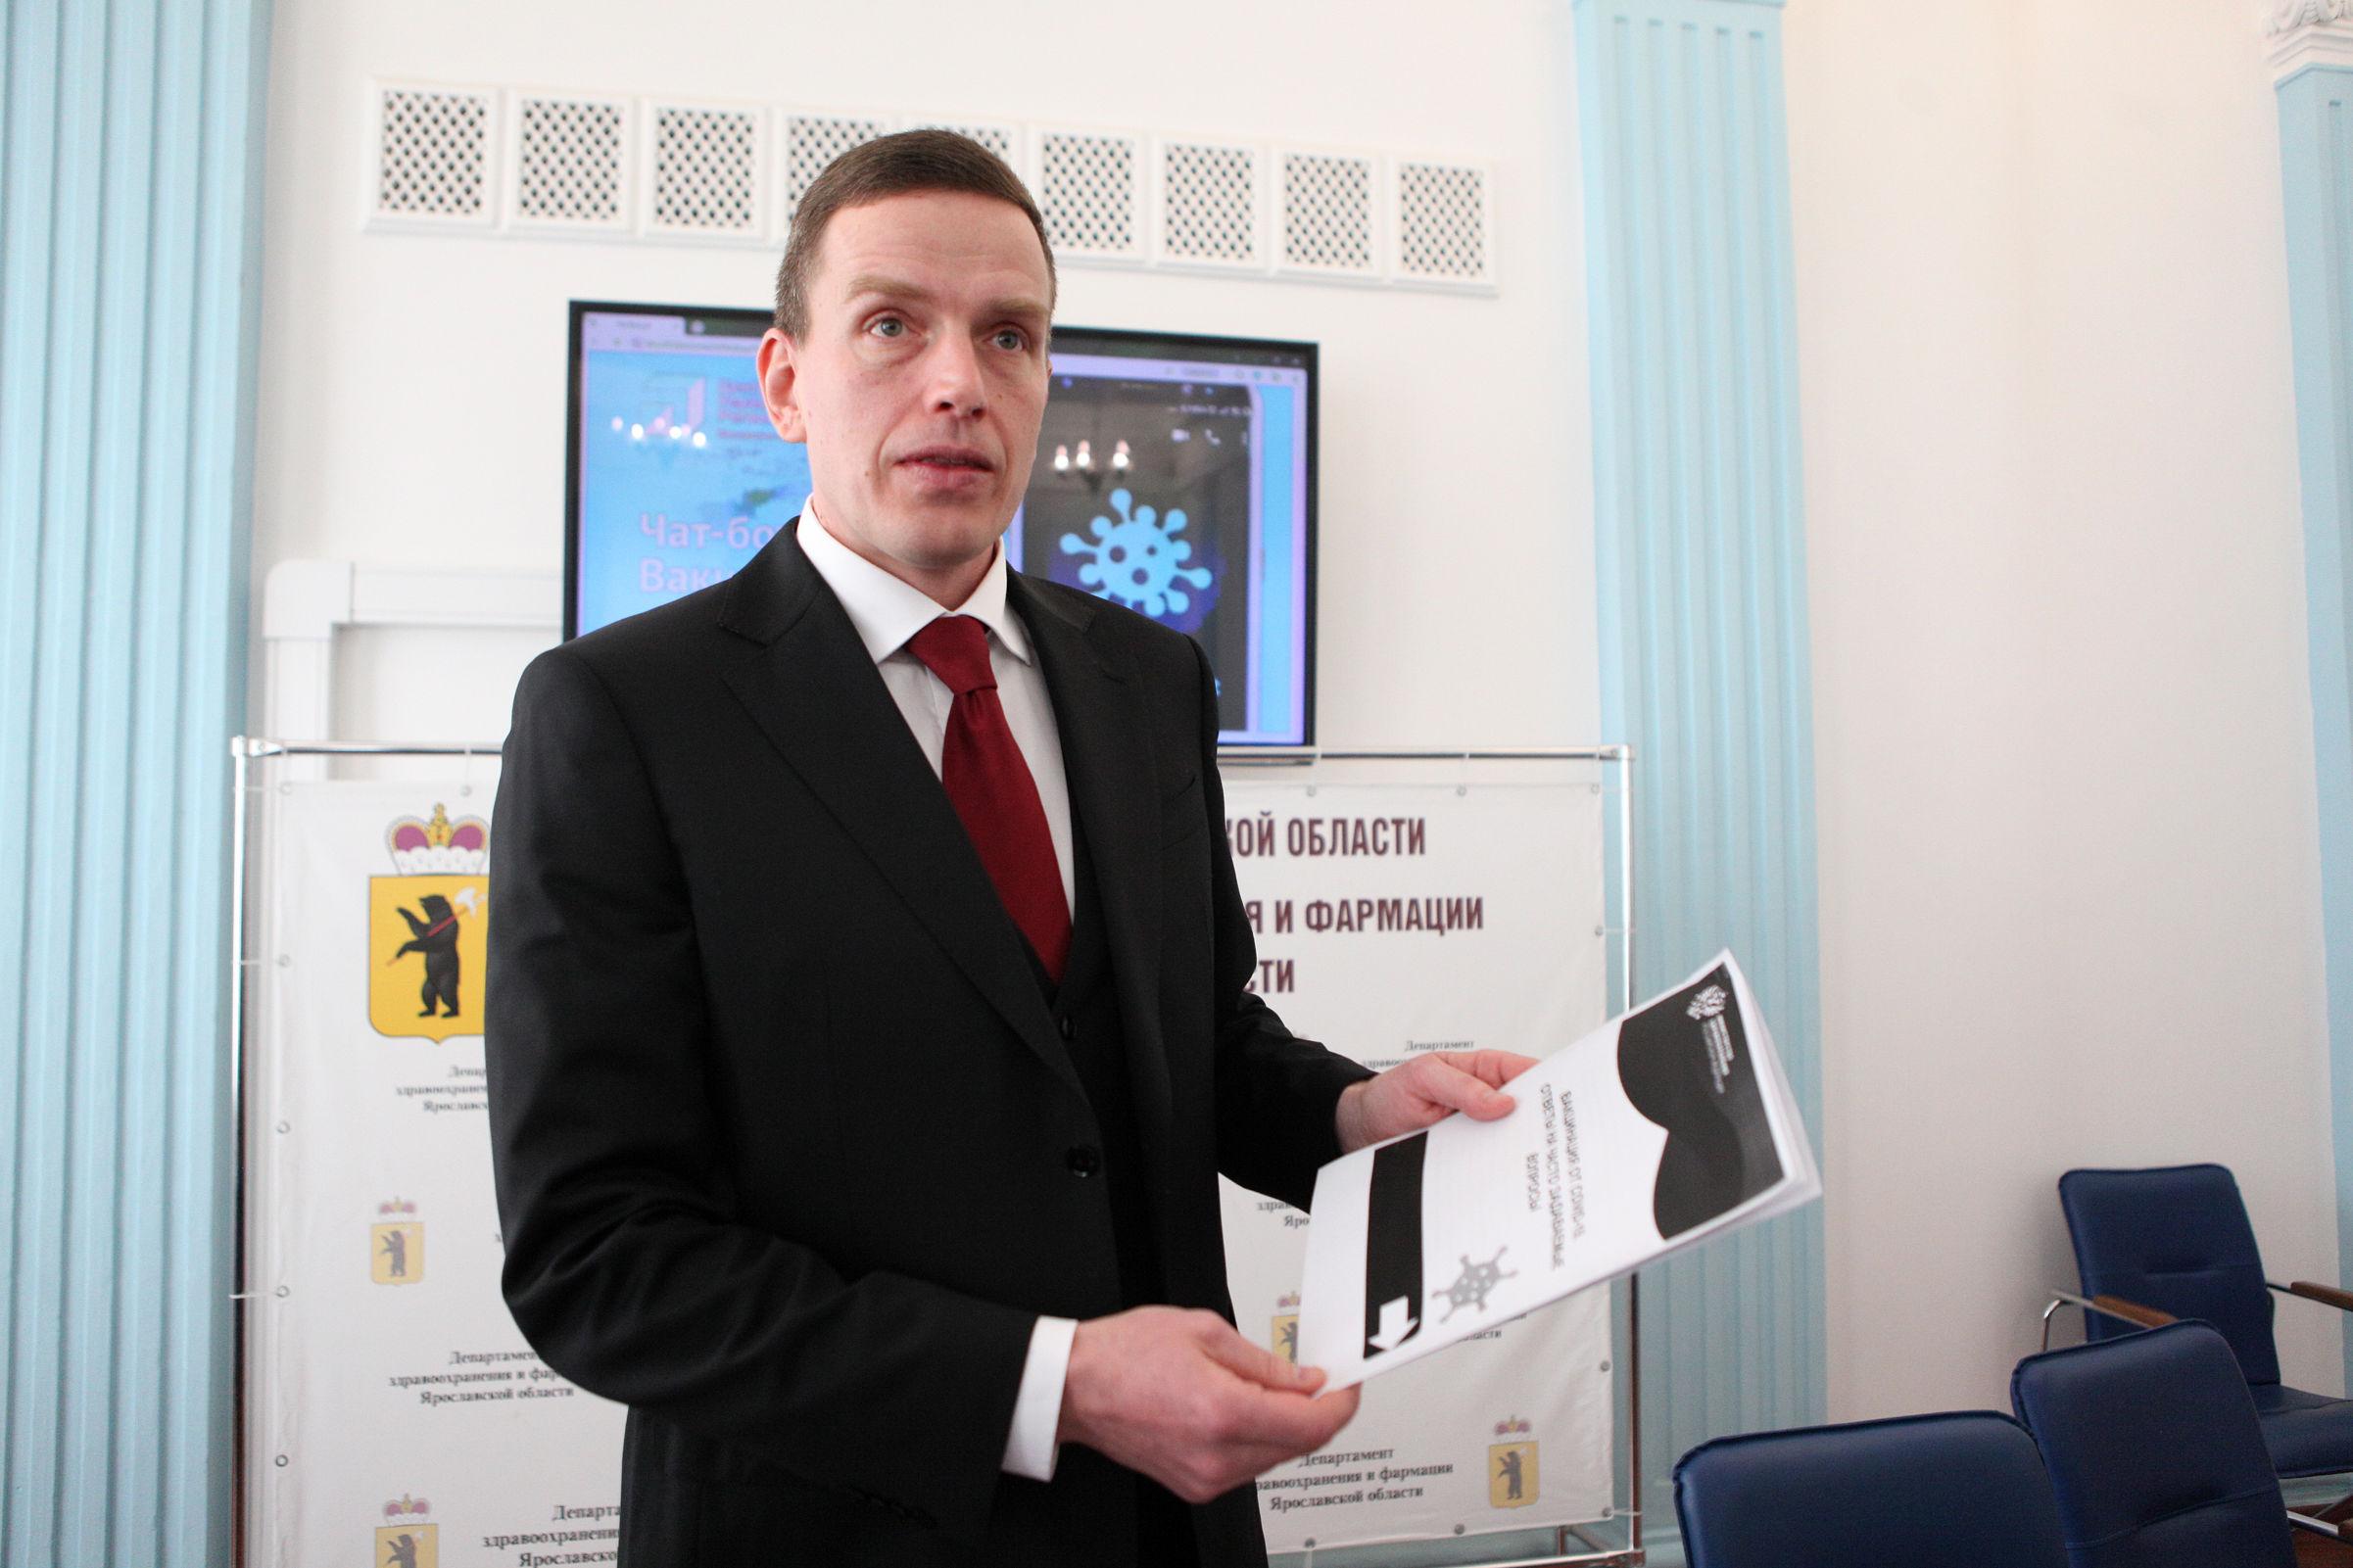 Ярославцам рассказали о ходе вакцинации от коронавируса в регионе и о коллективном иммунитете